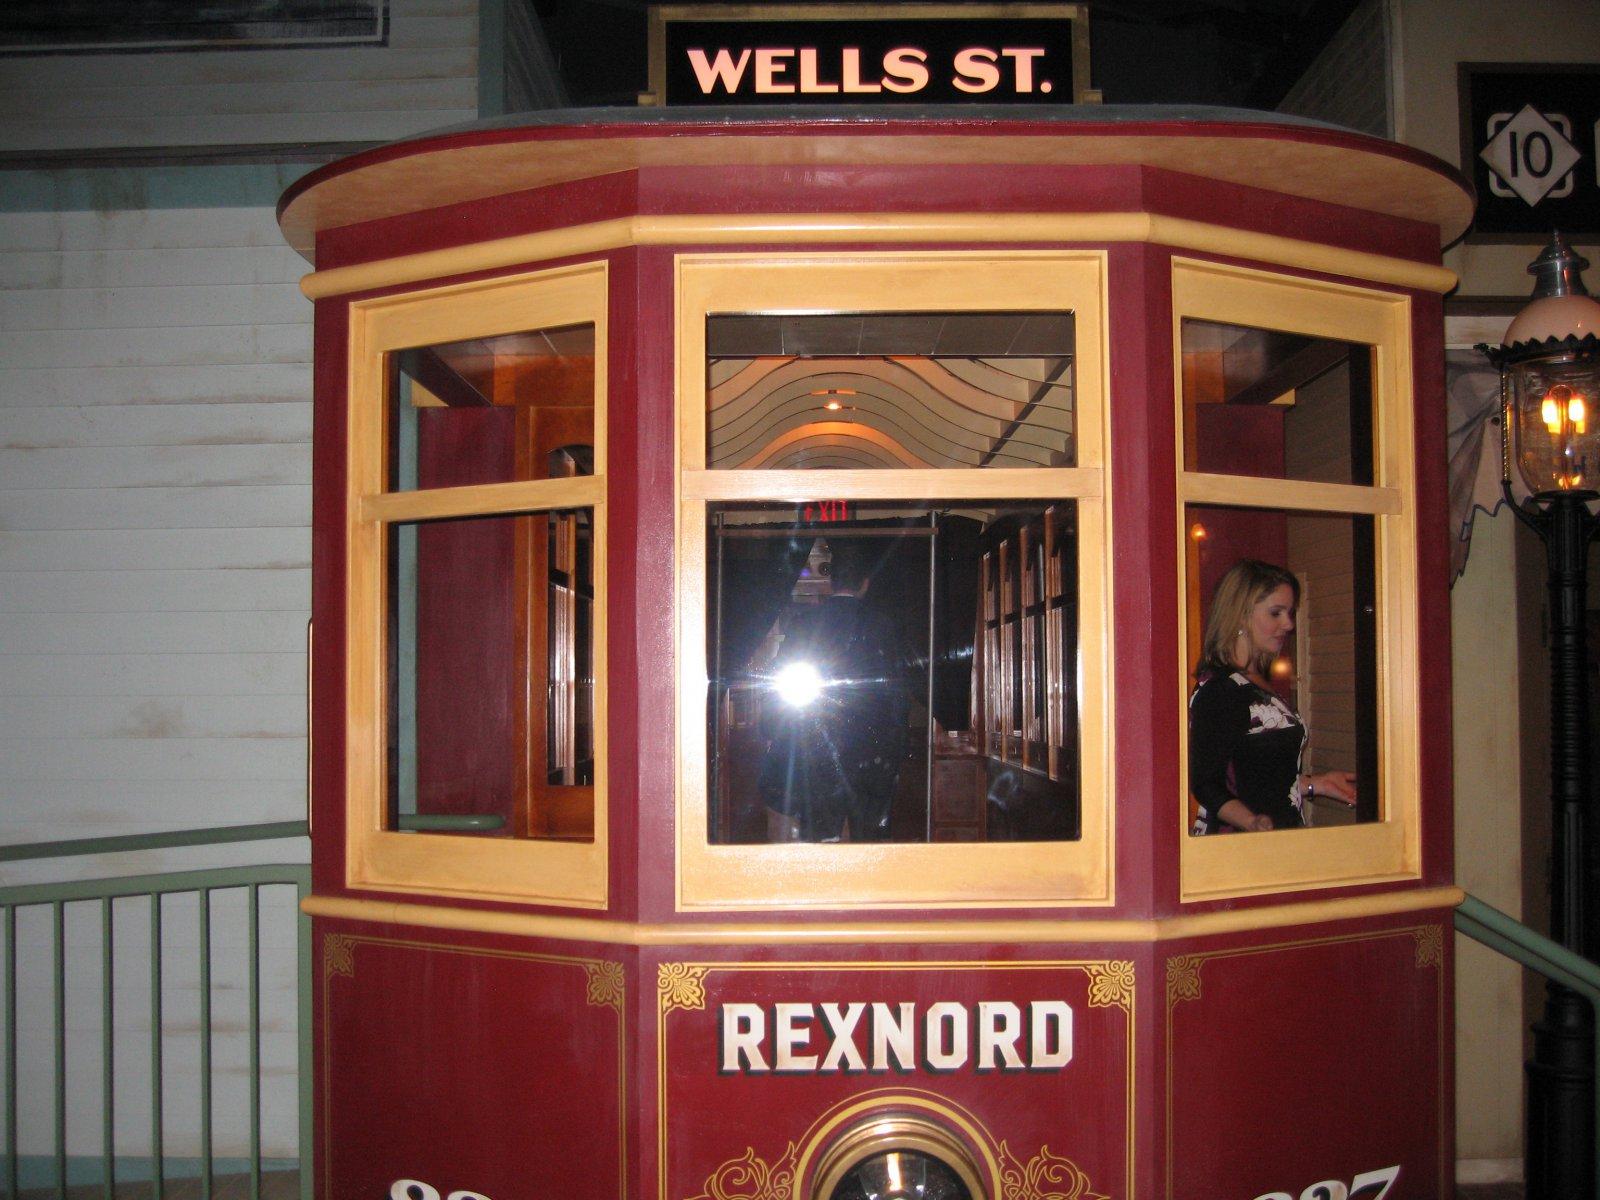 Rexnord Streetcar